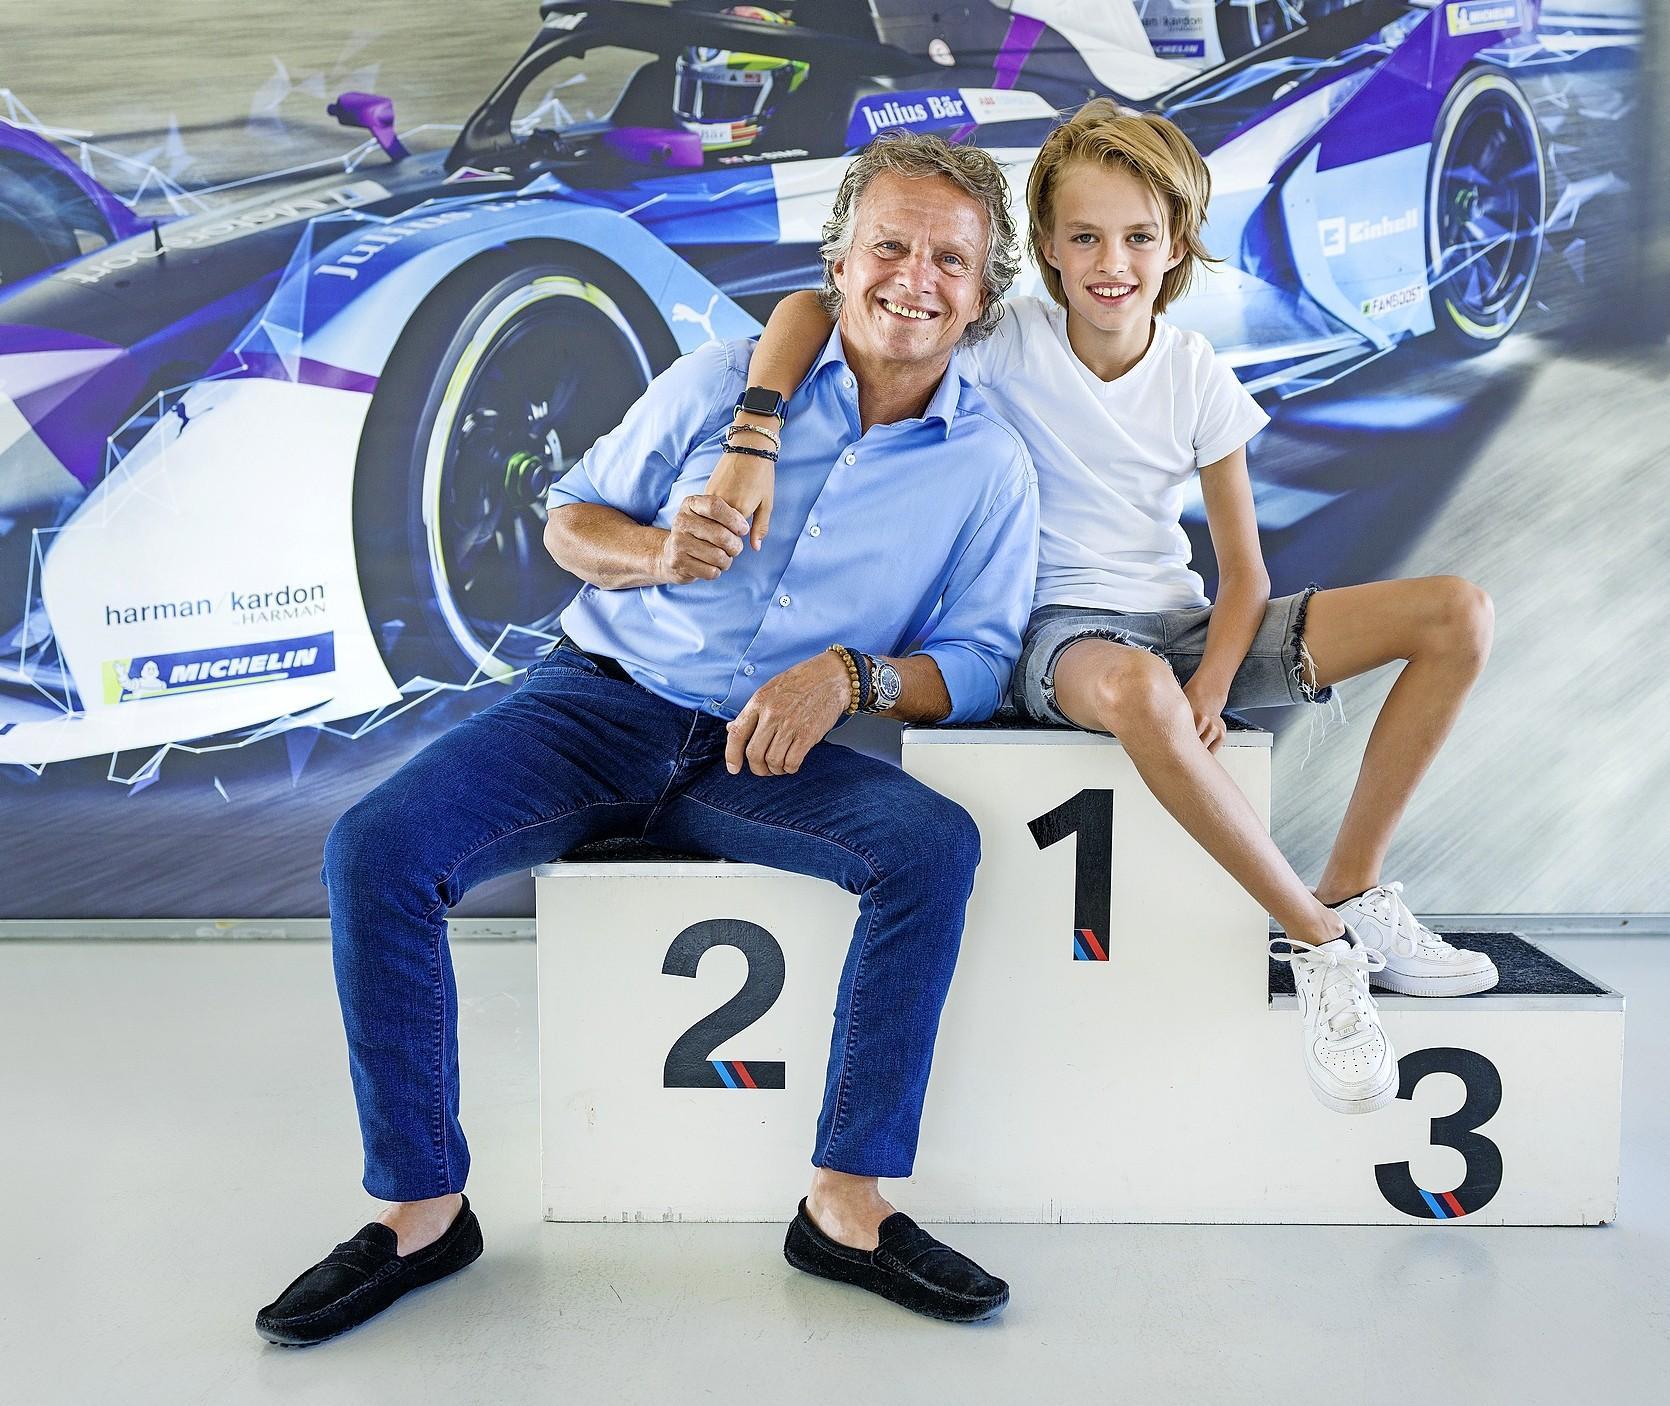 René Lammers heeft succes in de kartsport en krijgt daarbij hulp van vader Jan. 'Ik begon 'pas' op mijn twaalfde, terwijl René al een klein veteraantje is'.